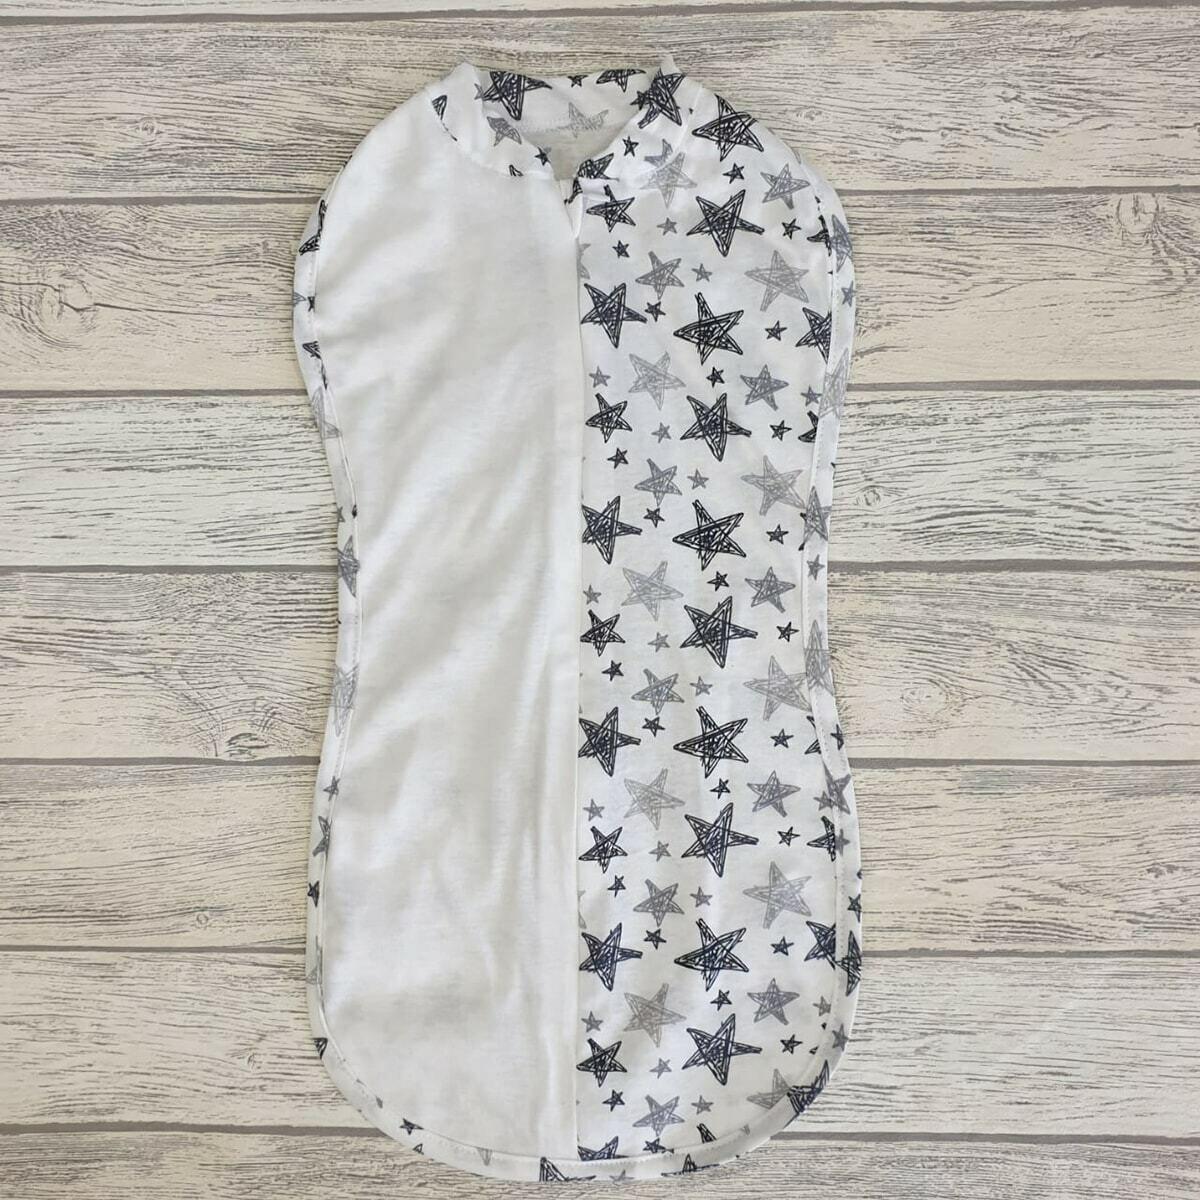 Спальный мешок-кокон, тонкий трикотаж, рисованные звезды